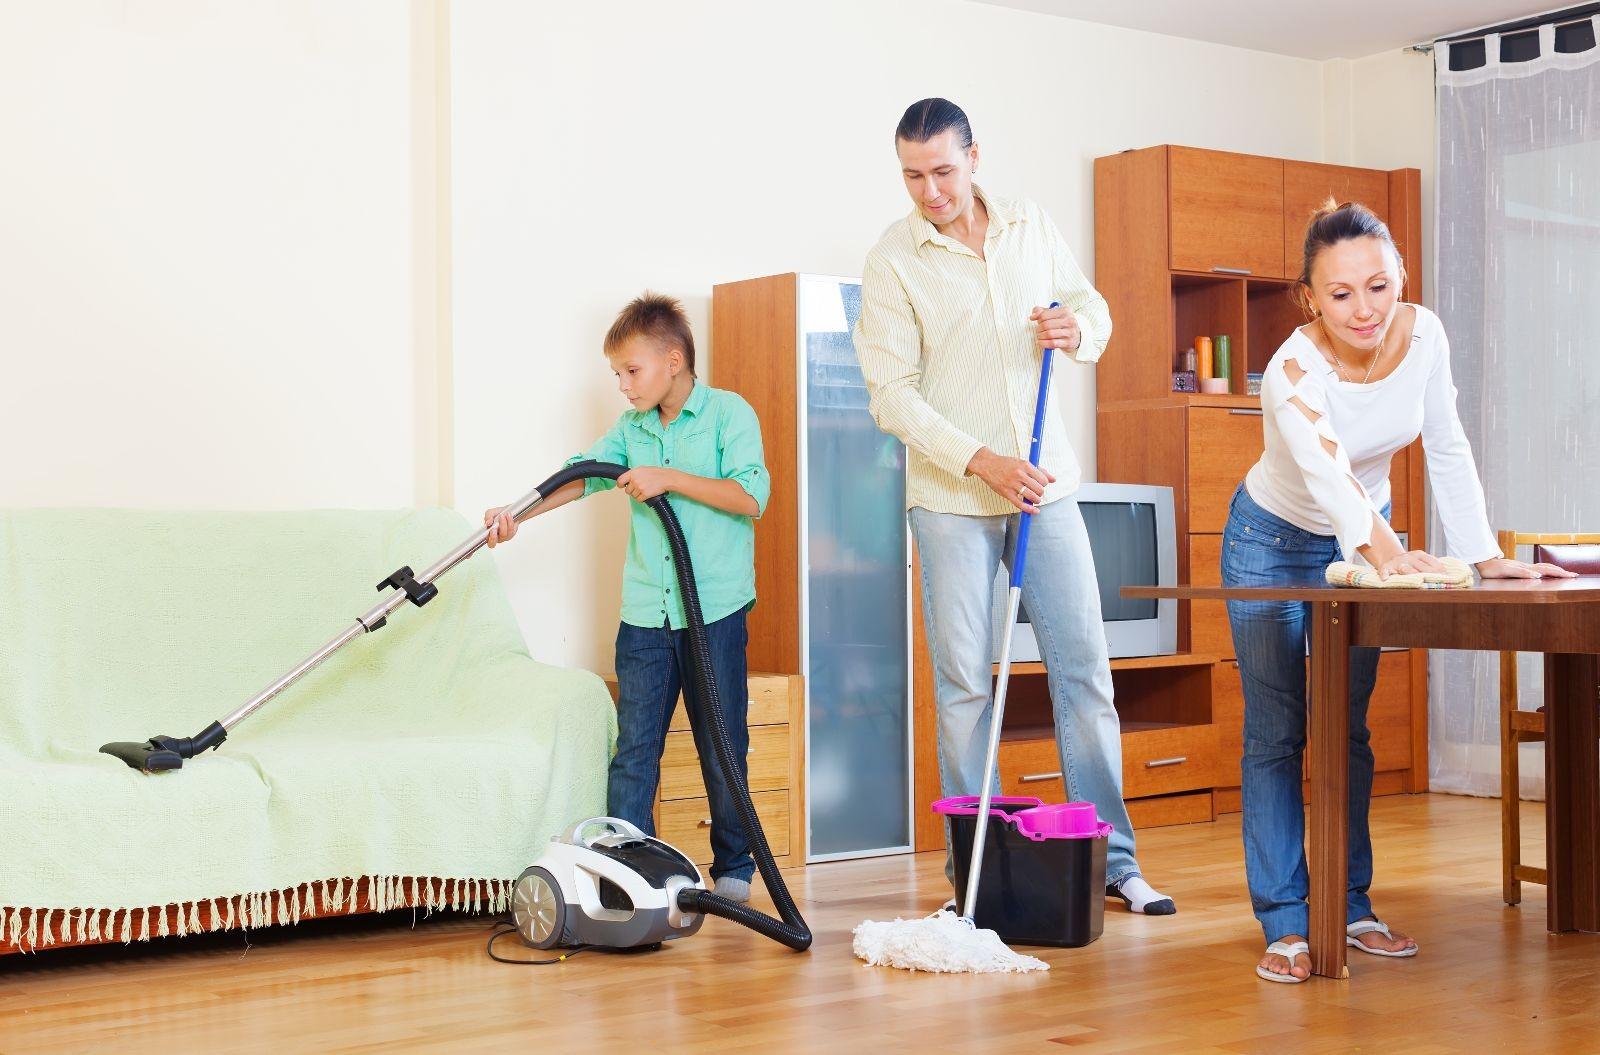 Pareja y un niño trabajando en tareas de limpieza